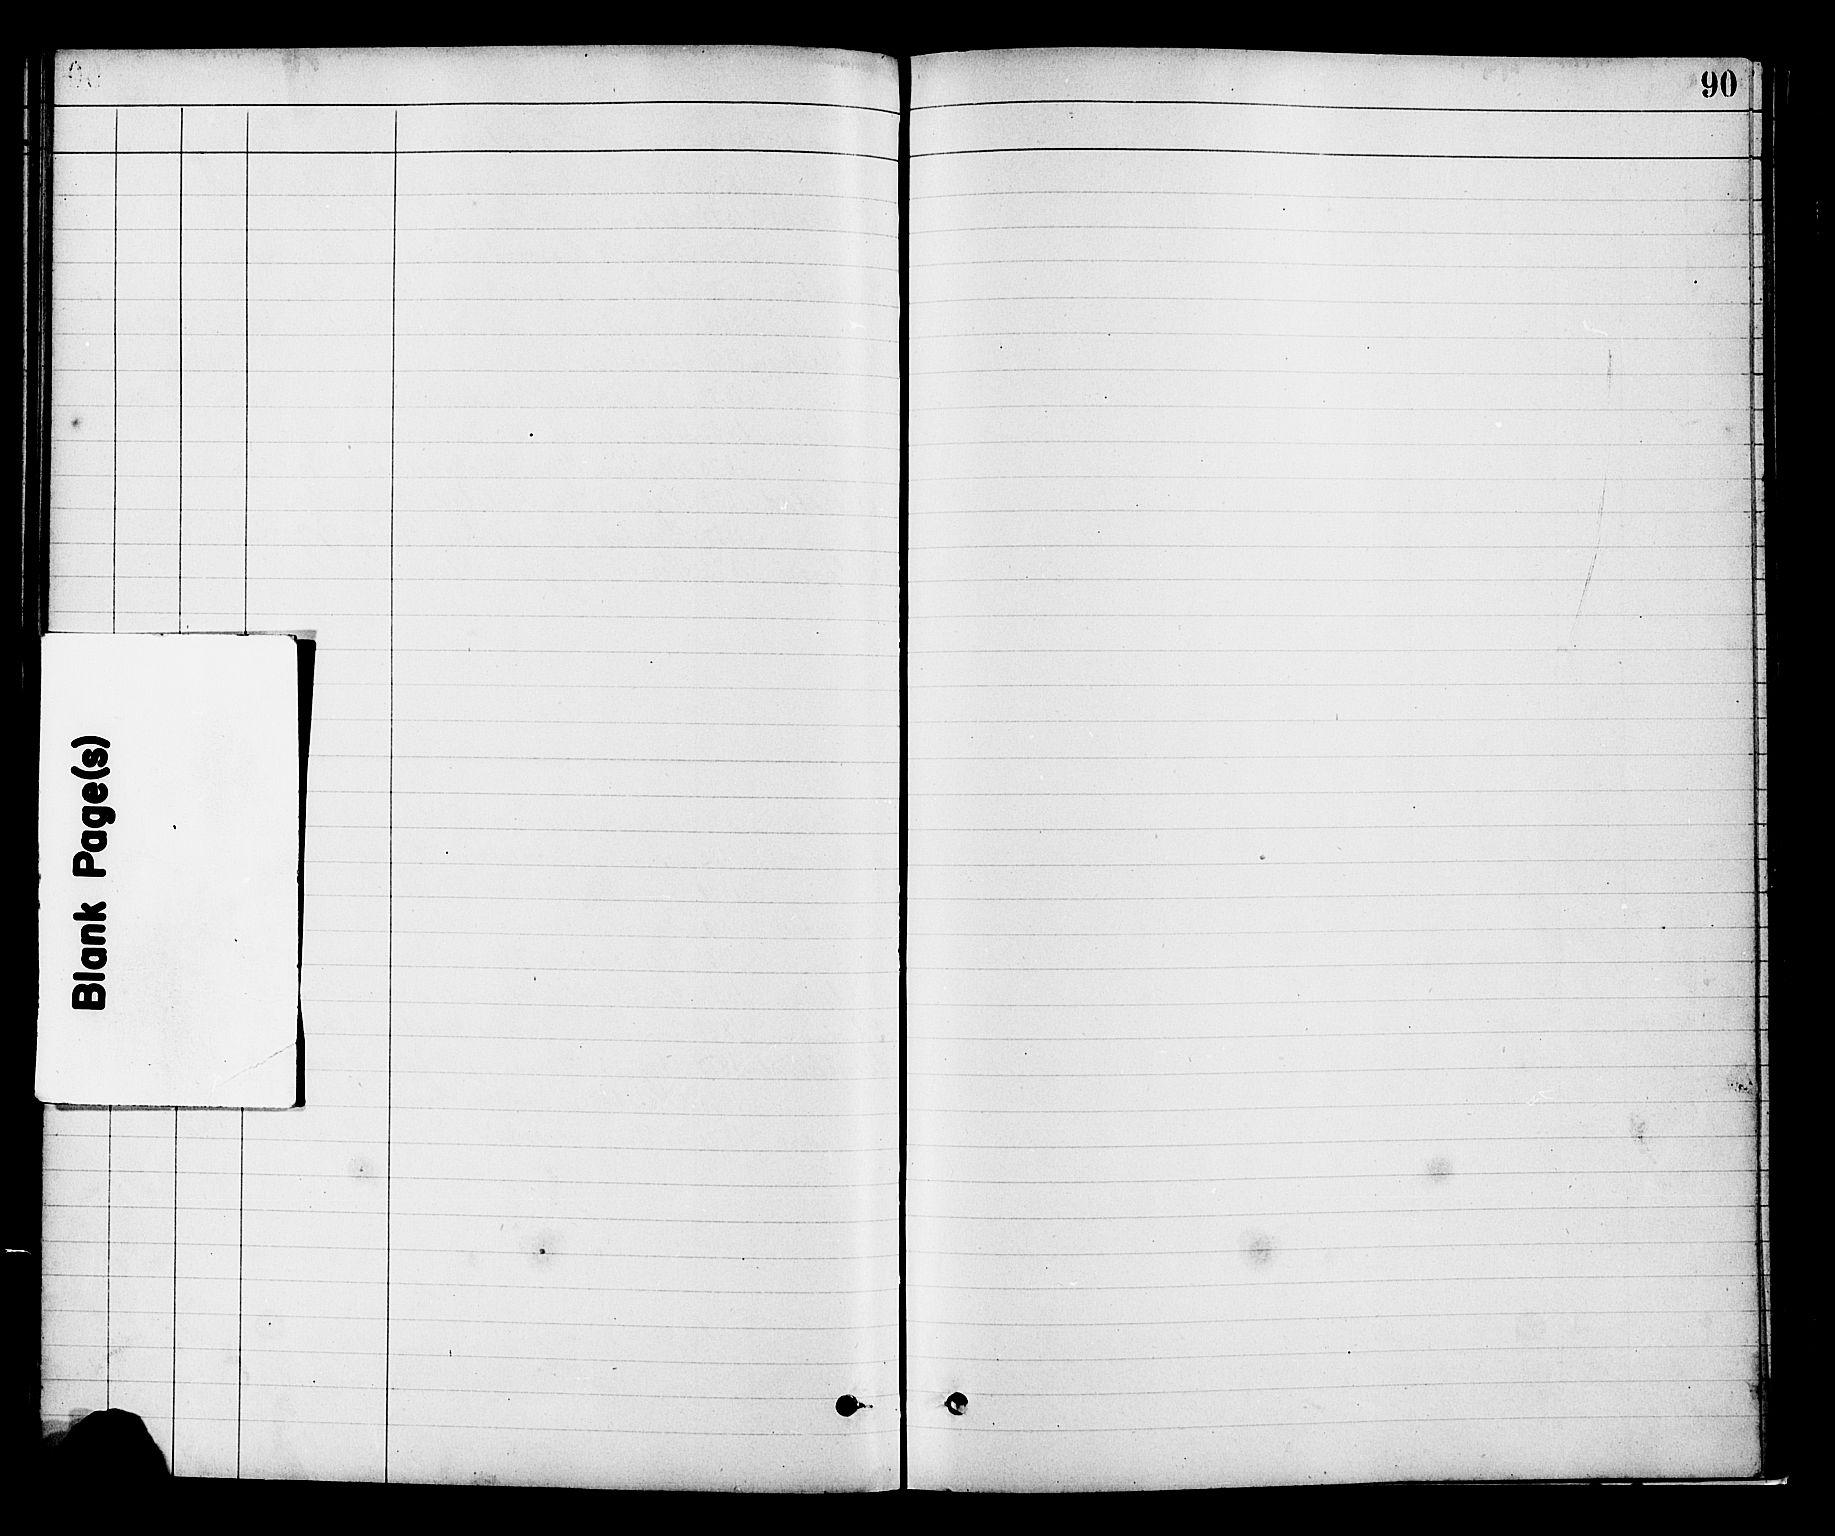 SAH, Vestre Toten prestekontor, H/Ha/Hab/L0008: Klokkerbok nr. 8, 1885-1900, s. 90